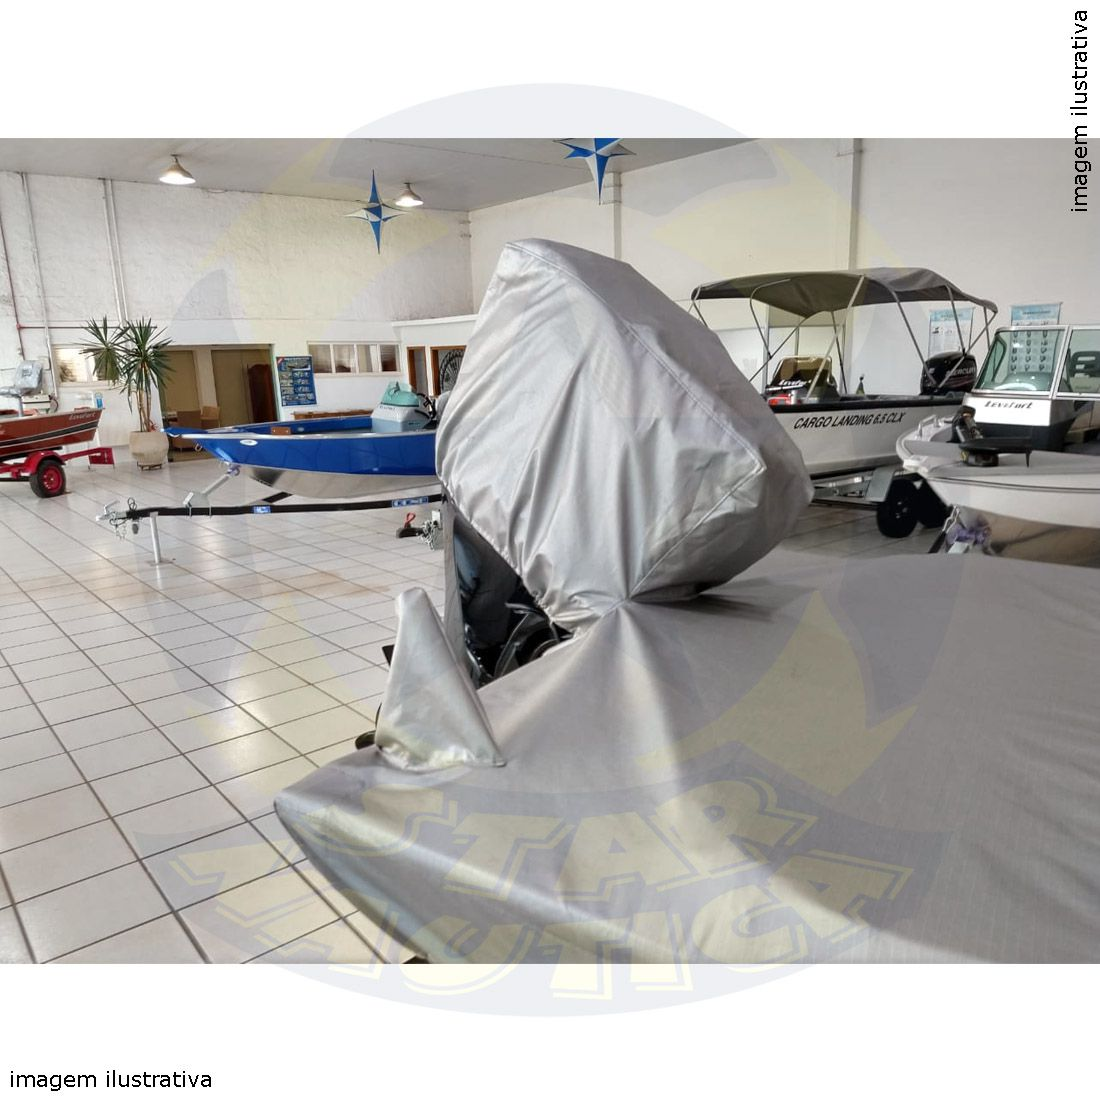 Capa Lona de Cobertura Lancha Matrix 190 Rionáutica Lona Metalizada